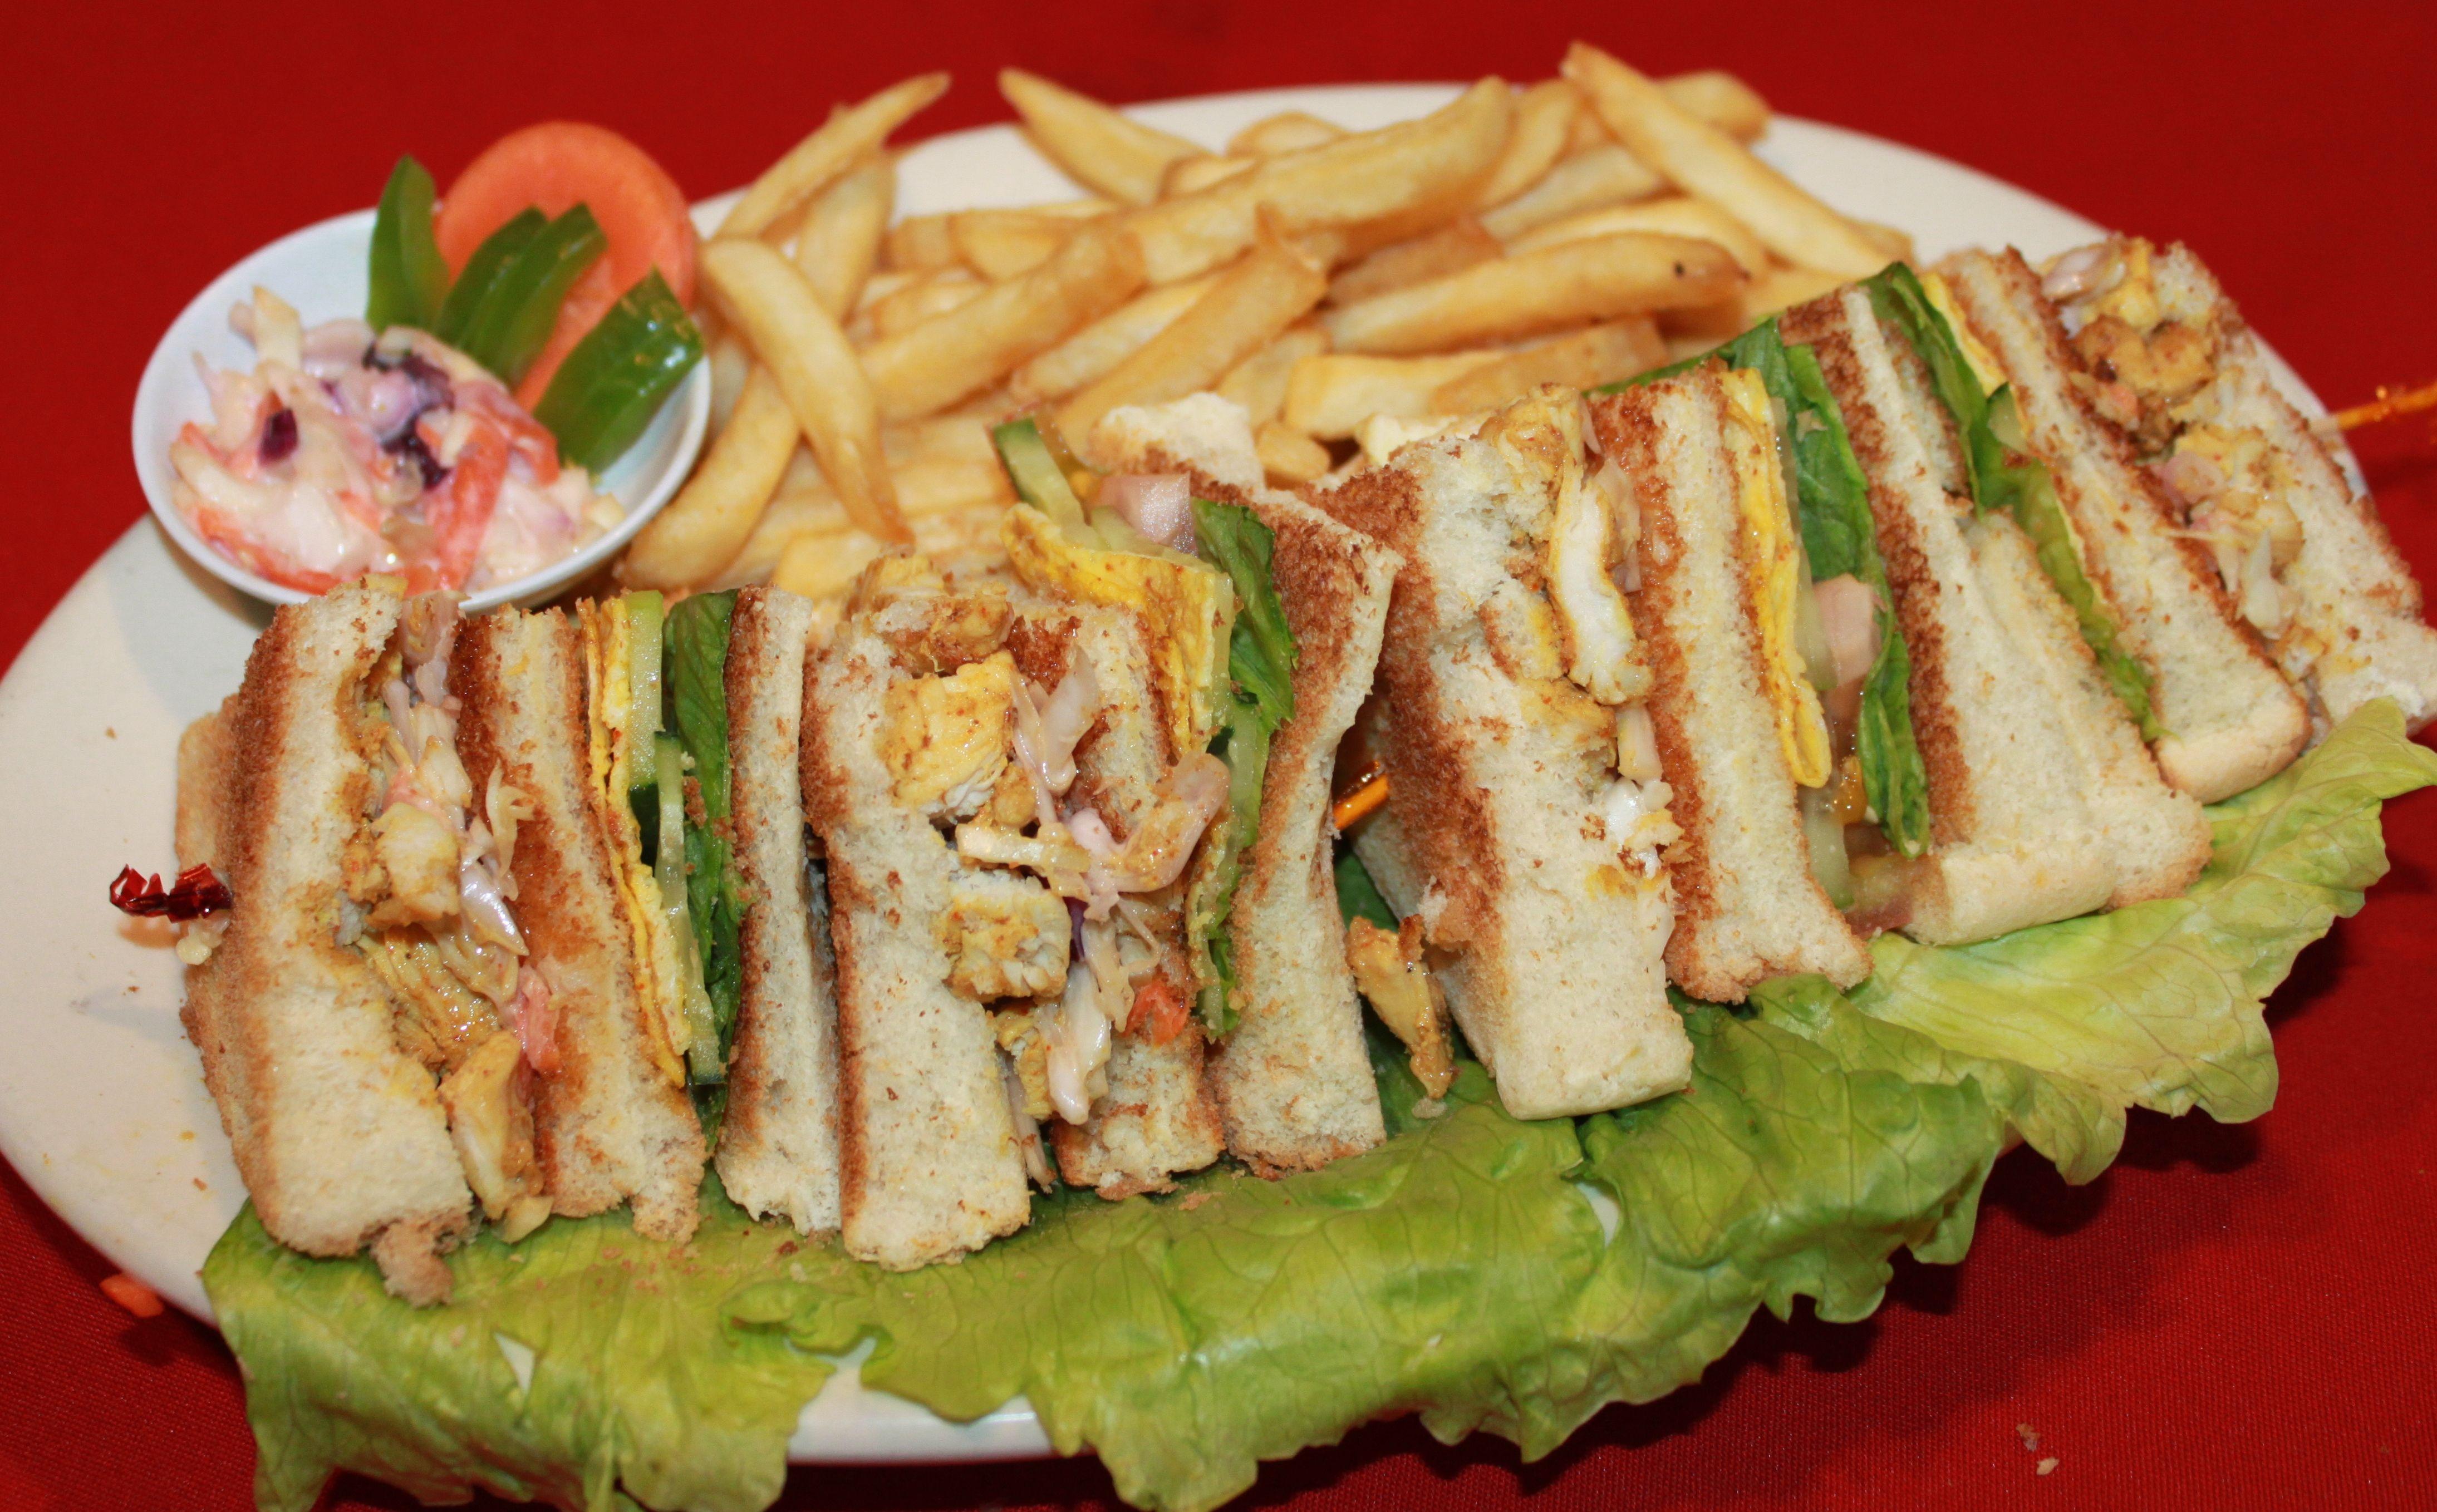 Chicken-Club-Sandwich.jpg 4378×2717 pixel